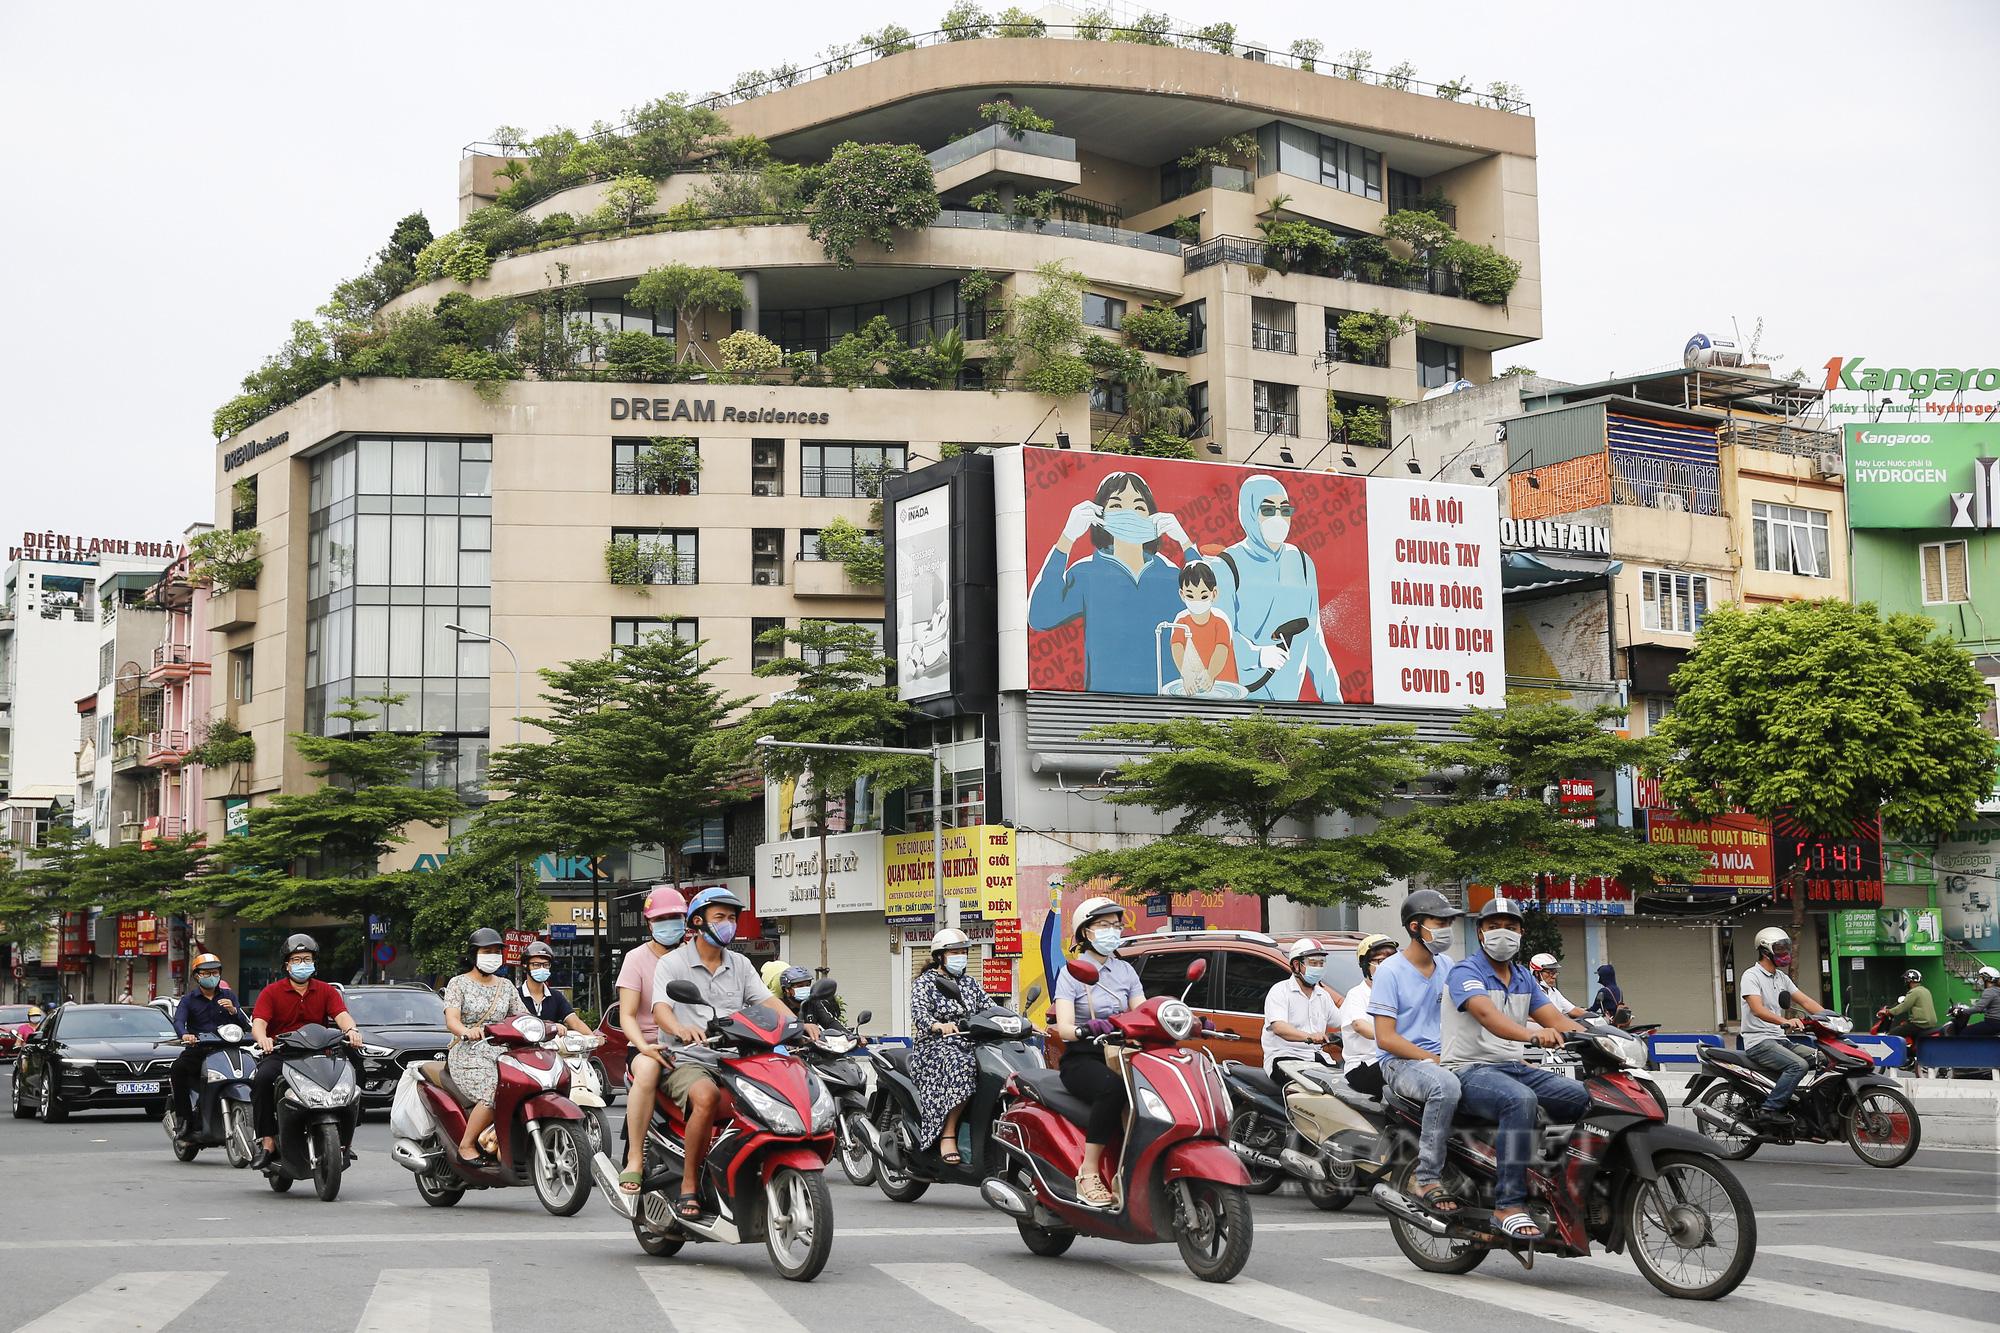 Đường phố Hà Nội xuất hiện những thông điệp tiếp thêm sức mạnh trong công tác phòng, chống Covid-19  - Ảnh 10.